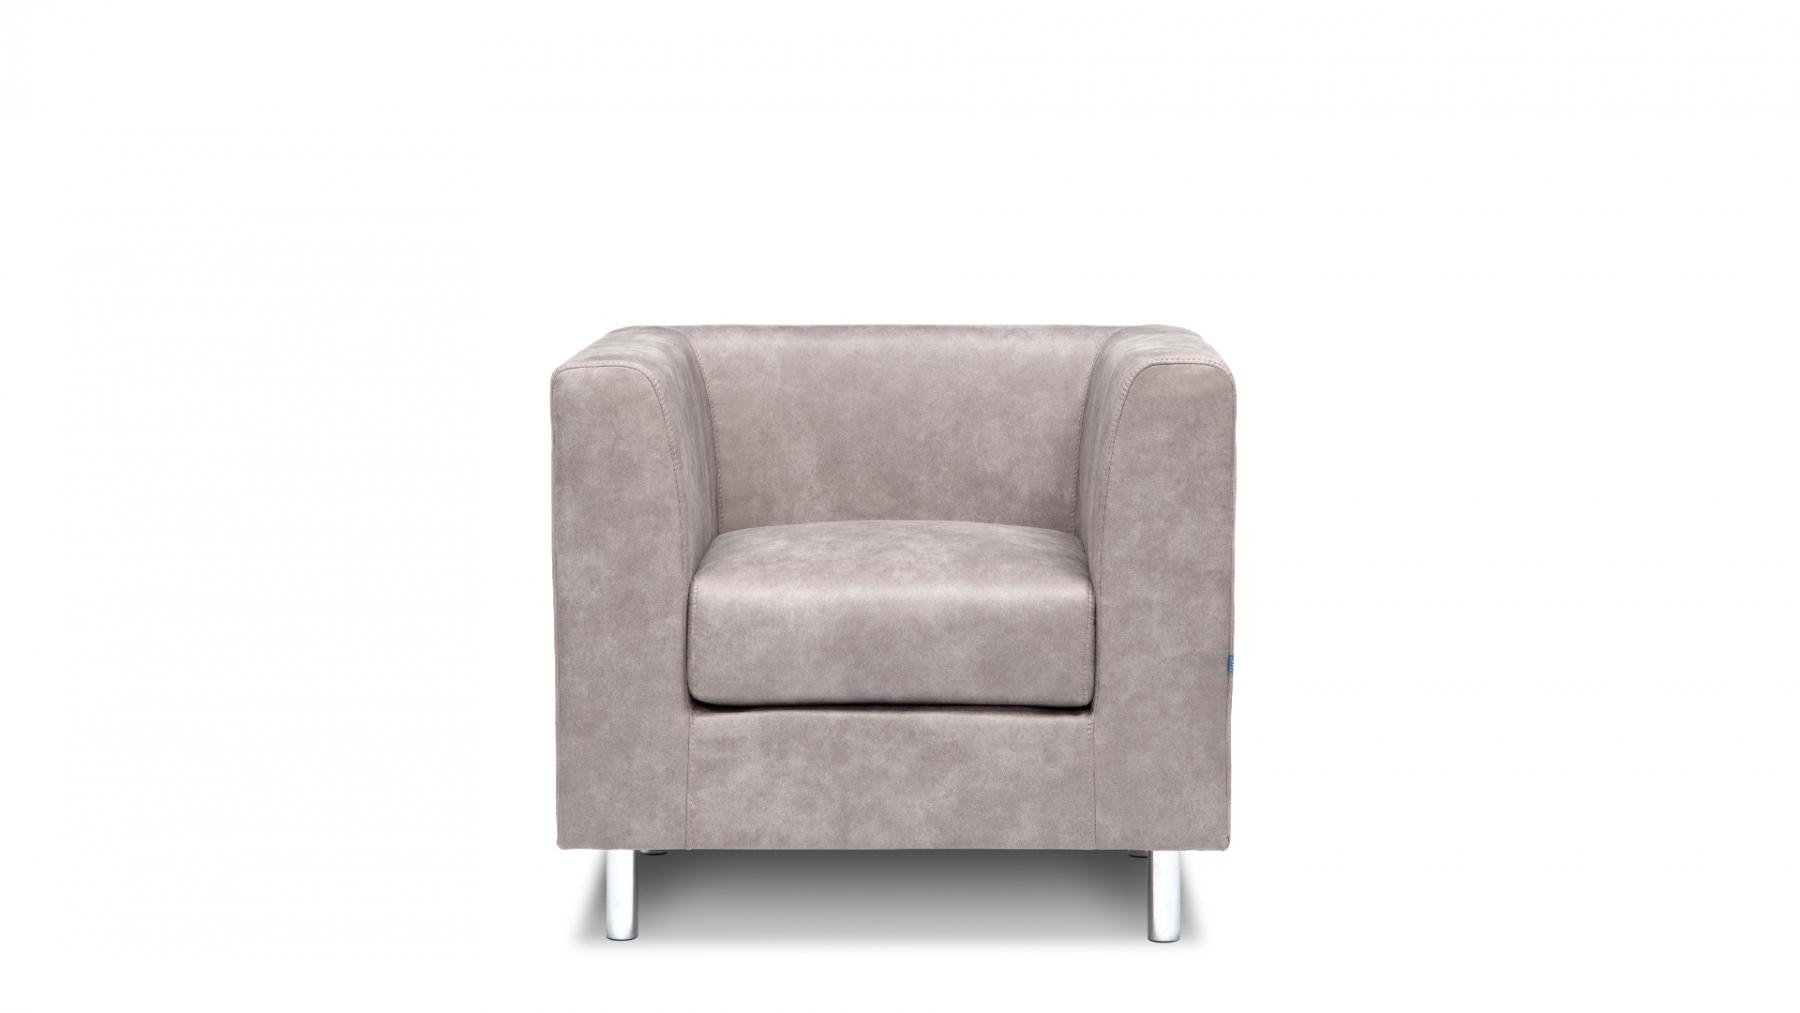 Тайм-кресло